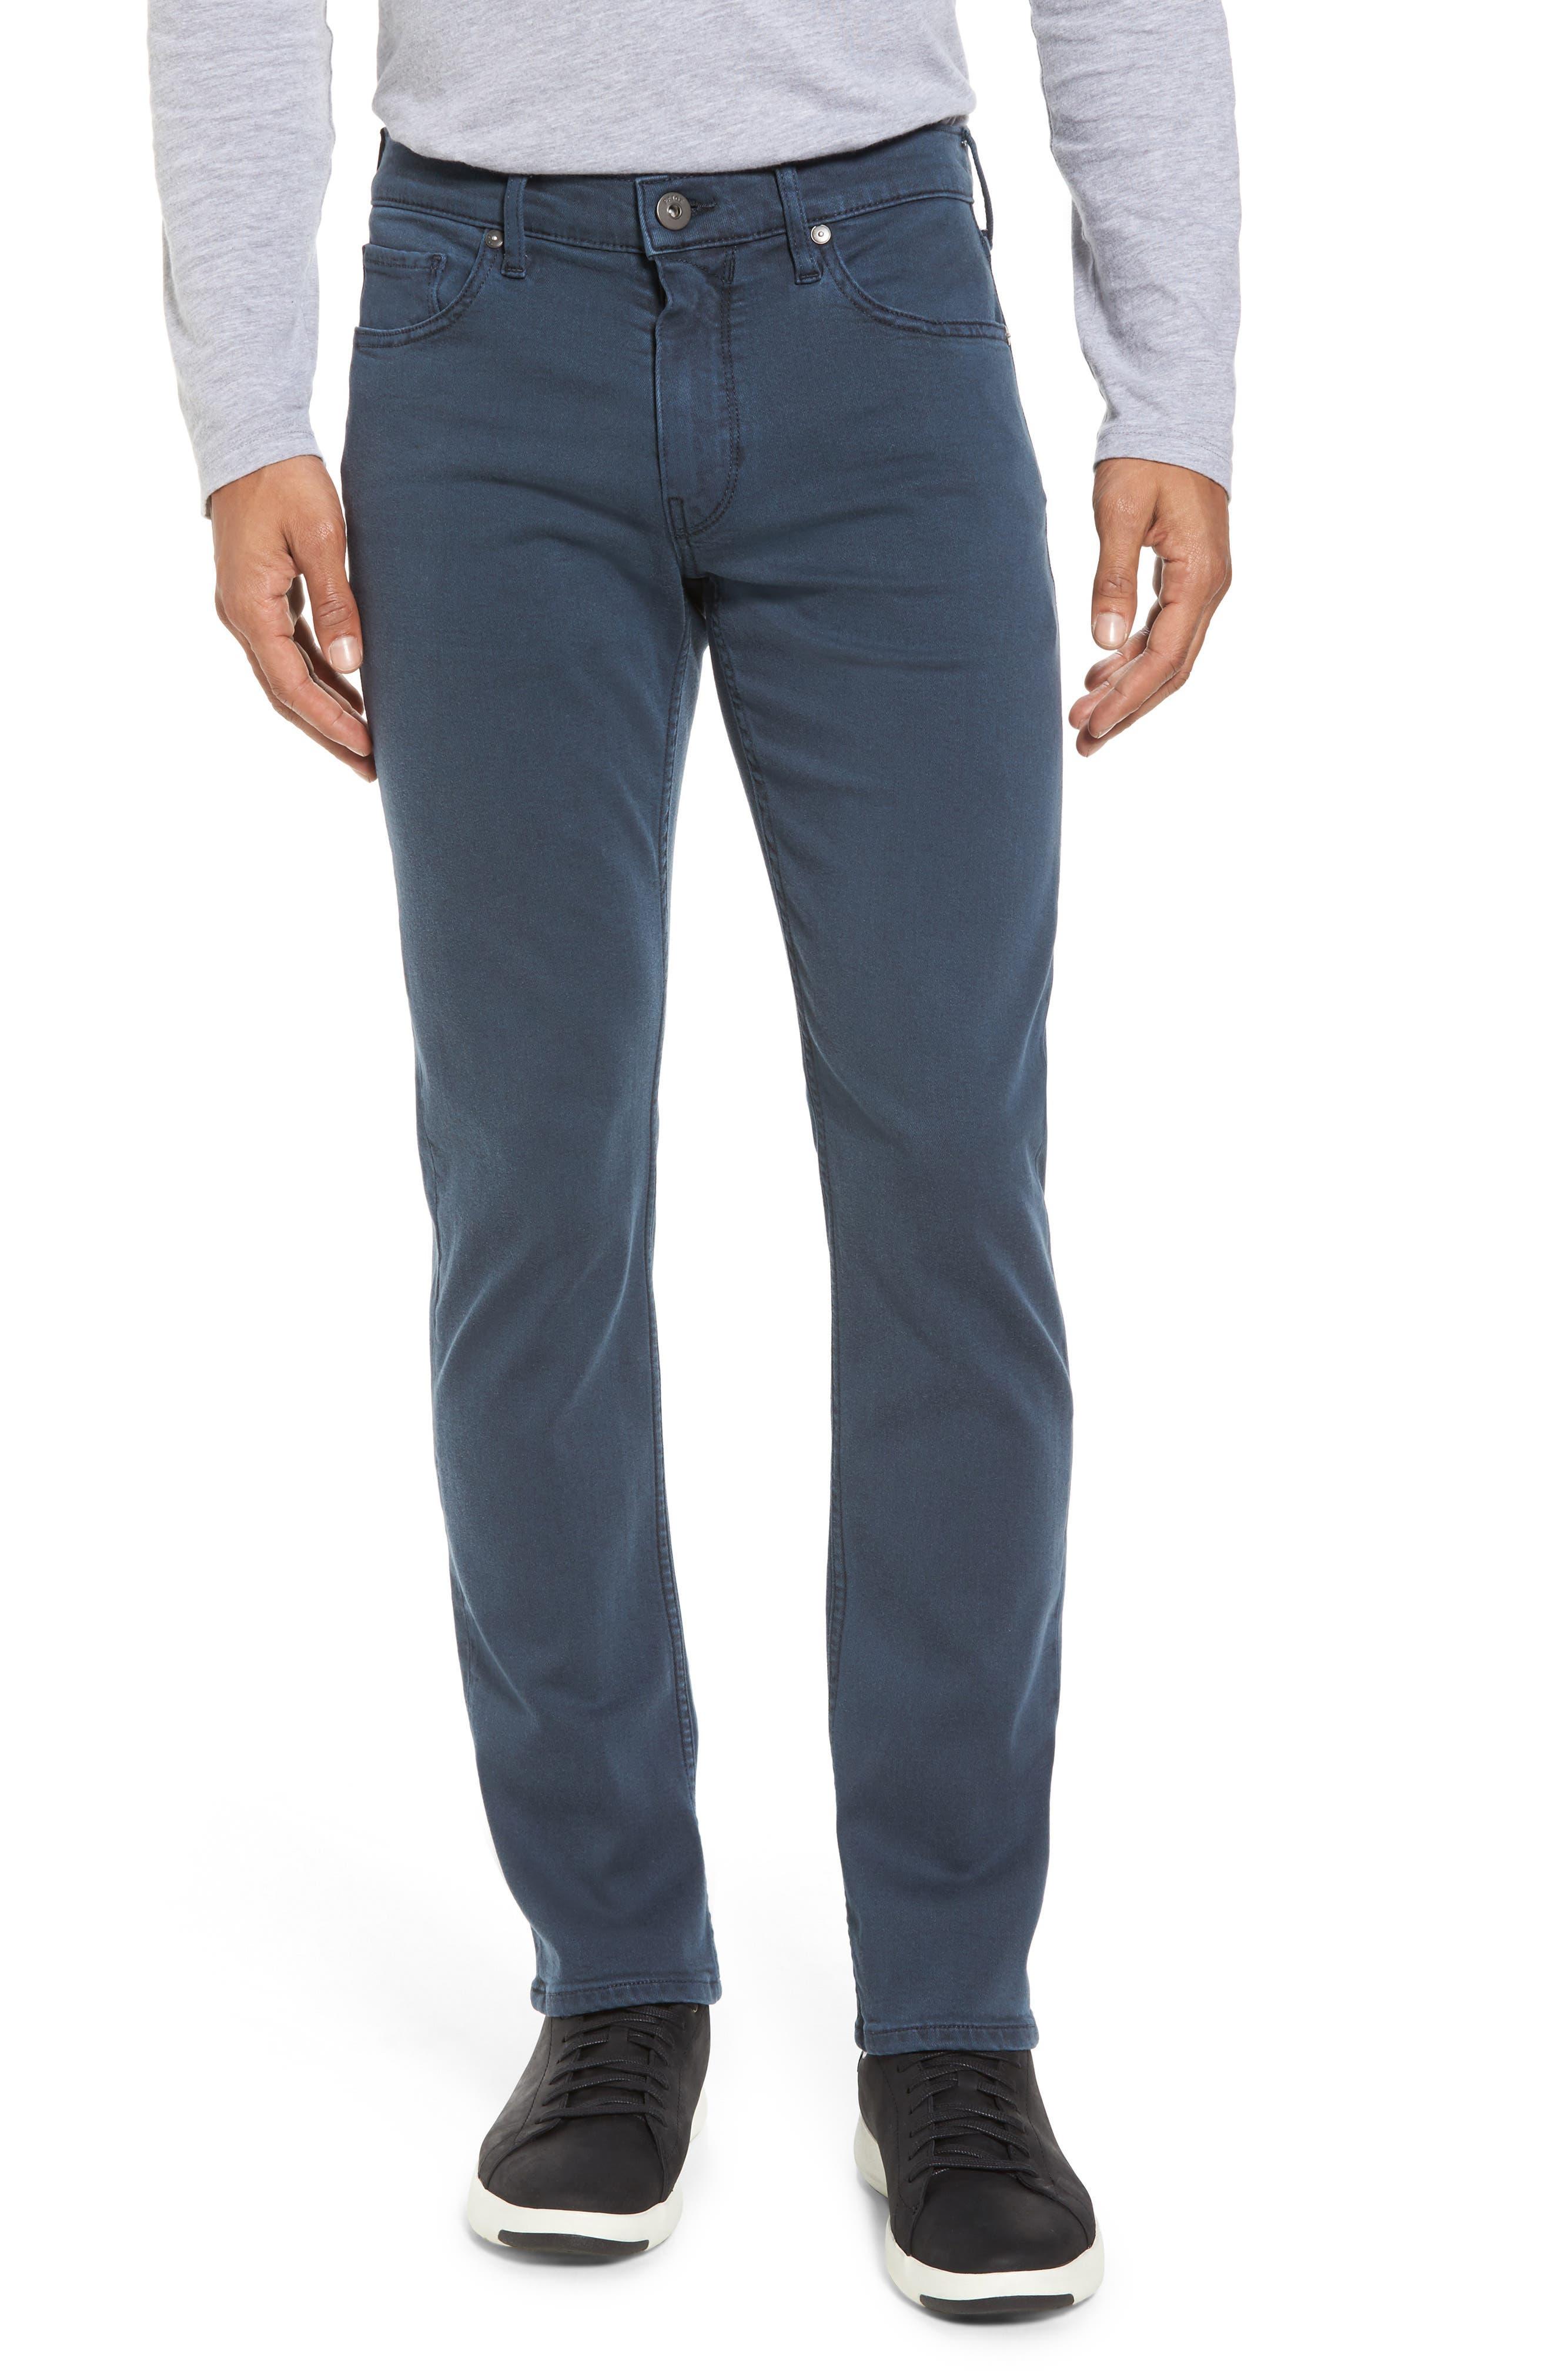 PAIGE, Lennox Slim Fit Jeans, Main thumbnail 1, color, 400